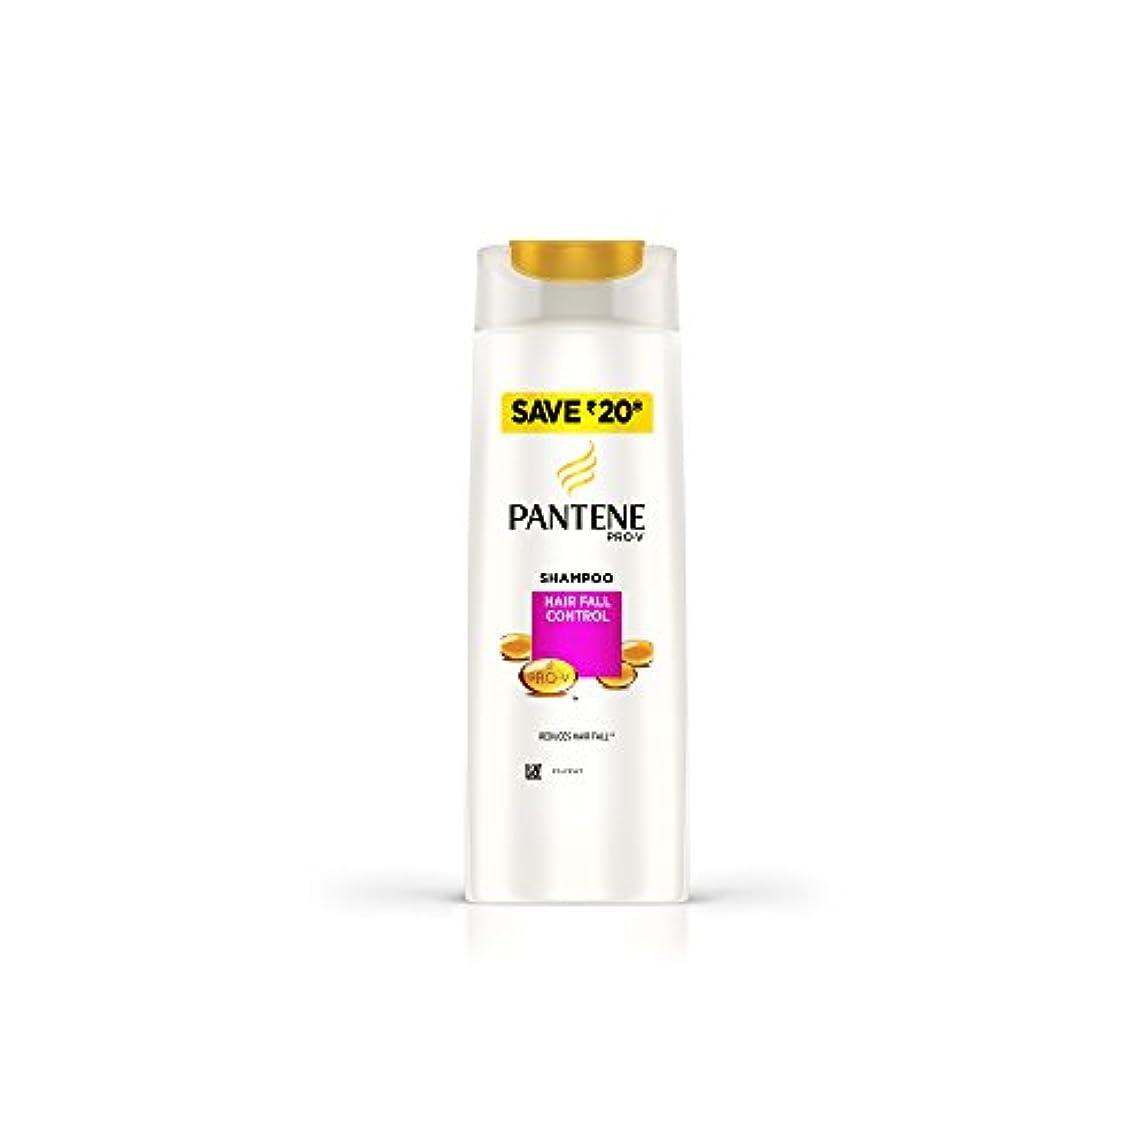 ペナルティシャーロットブロンテ混雑PANTENE Hair Fall control SHAMPOO 180 ml (PANTENEヘアフォールコントロールシャンプー180ml)